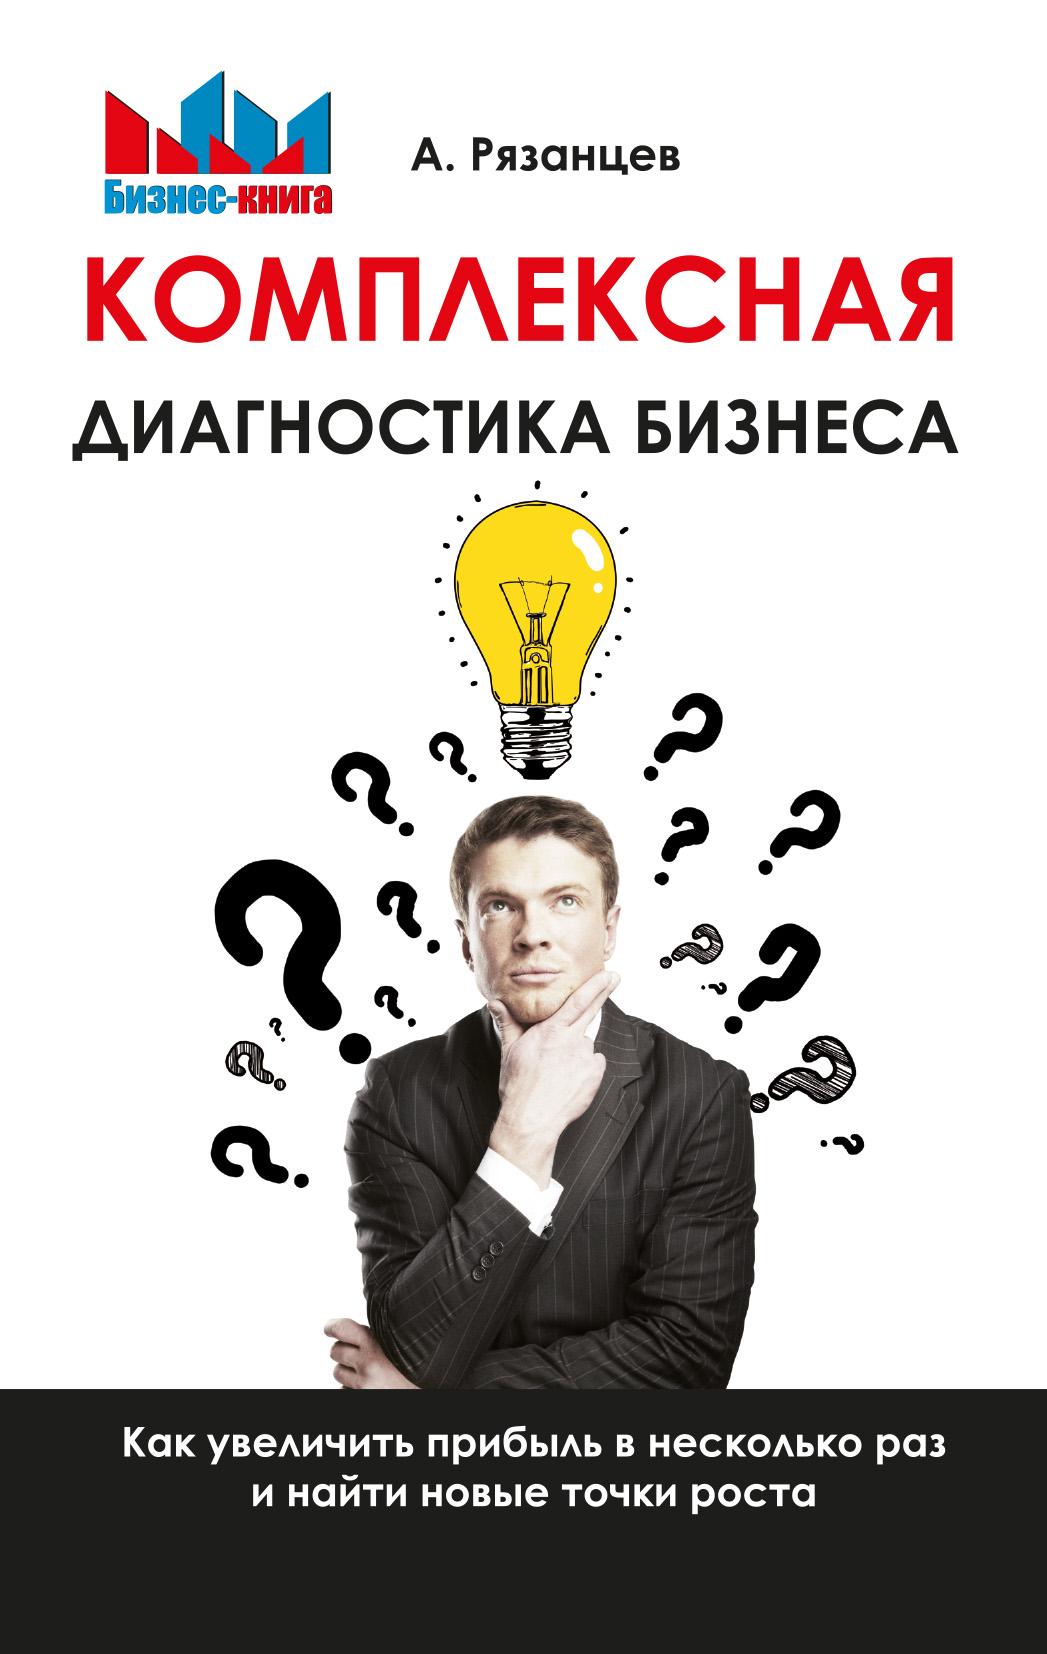 Алексей Рязанцев Комплексная диагностика бизнеса. Как увеличить прибыль в несколько раз и найти новые точки роста тарифный план